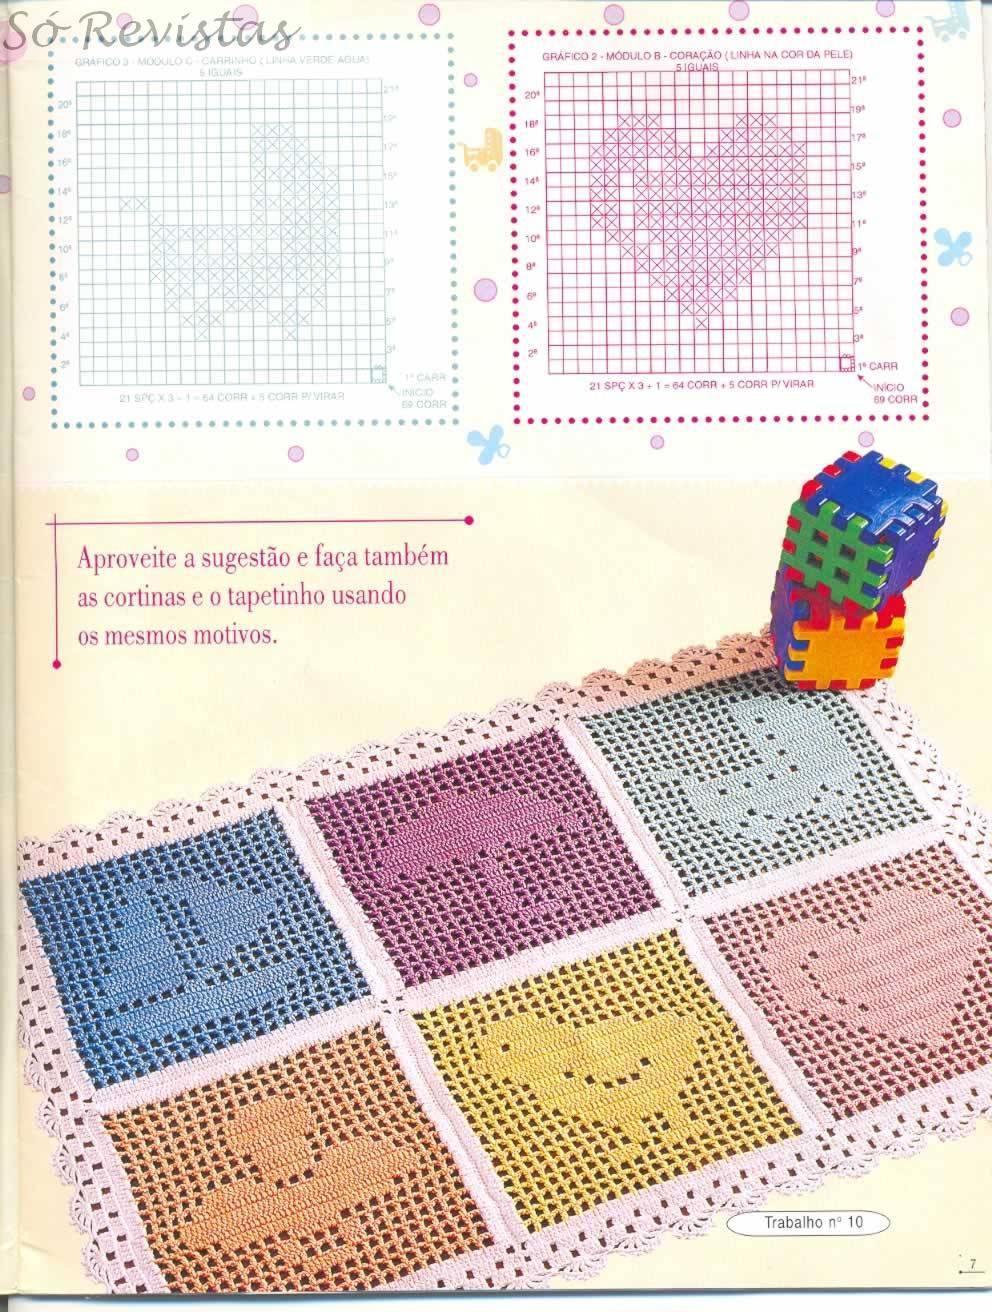 Картинки схем для вязания крючком пледов